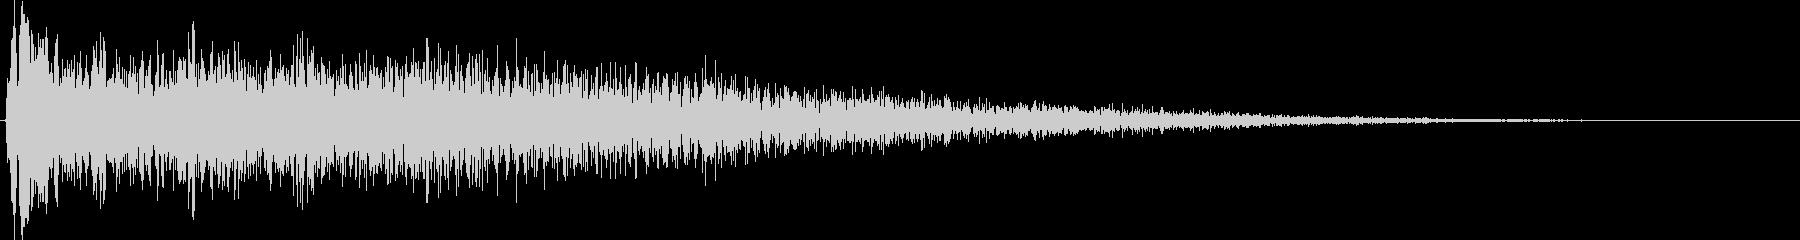 音楽スティンガー;エコー付きのハー...の未再生の波形